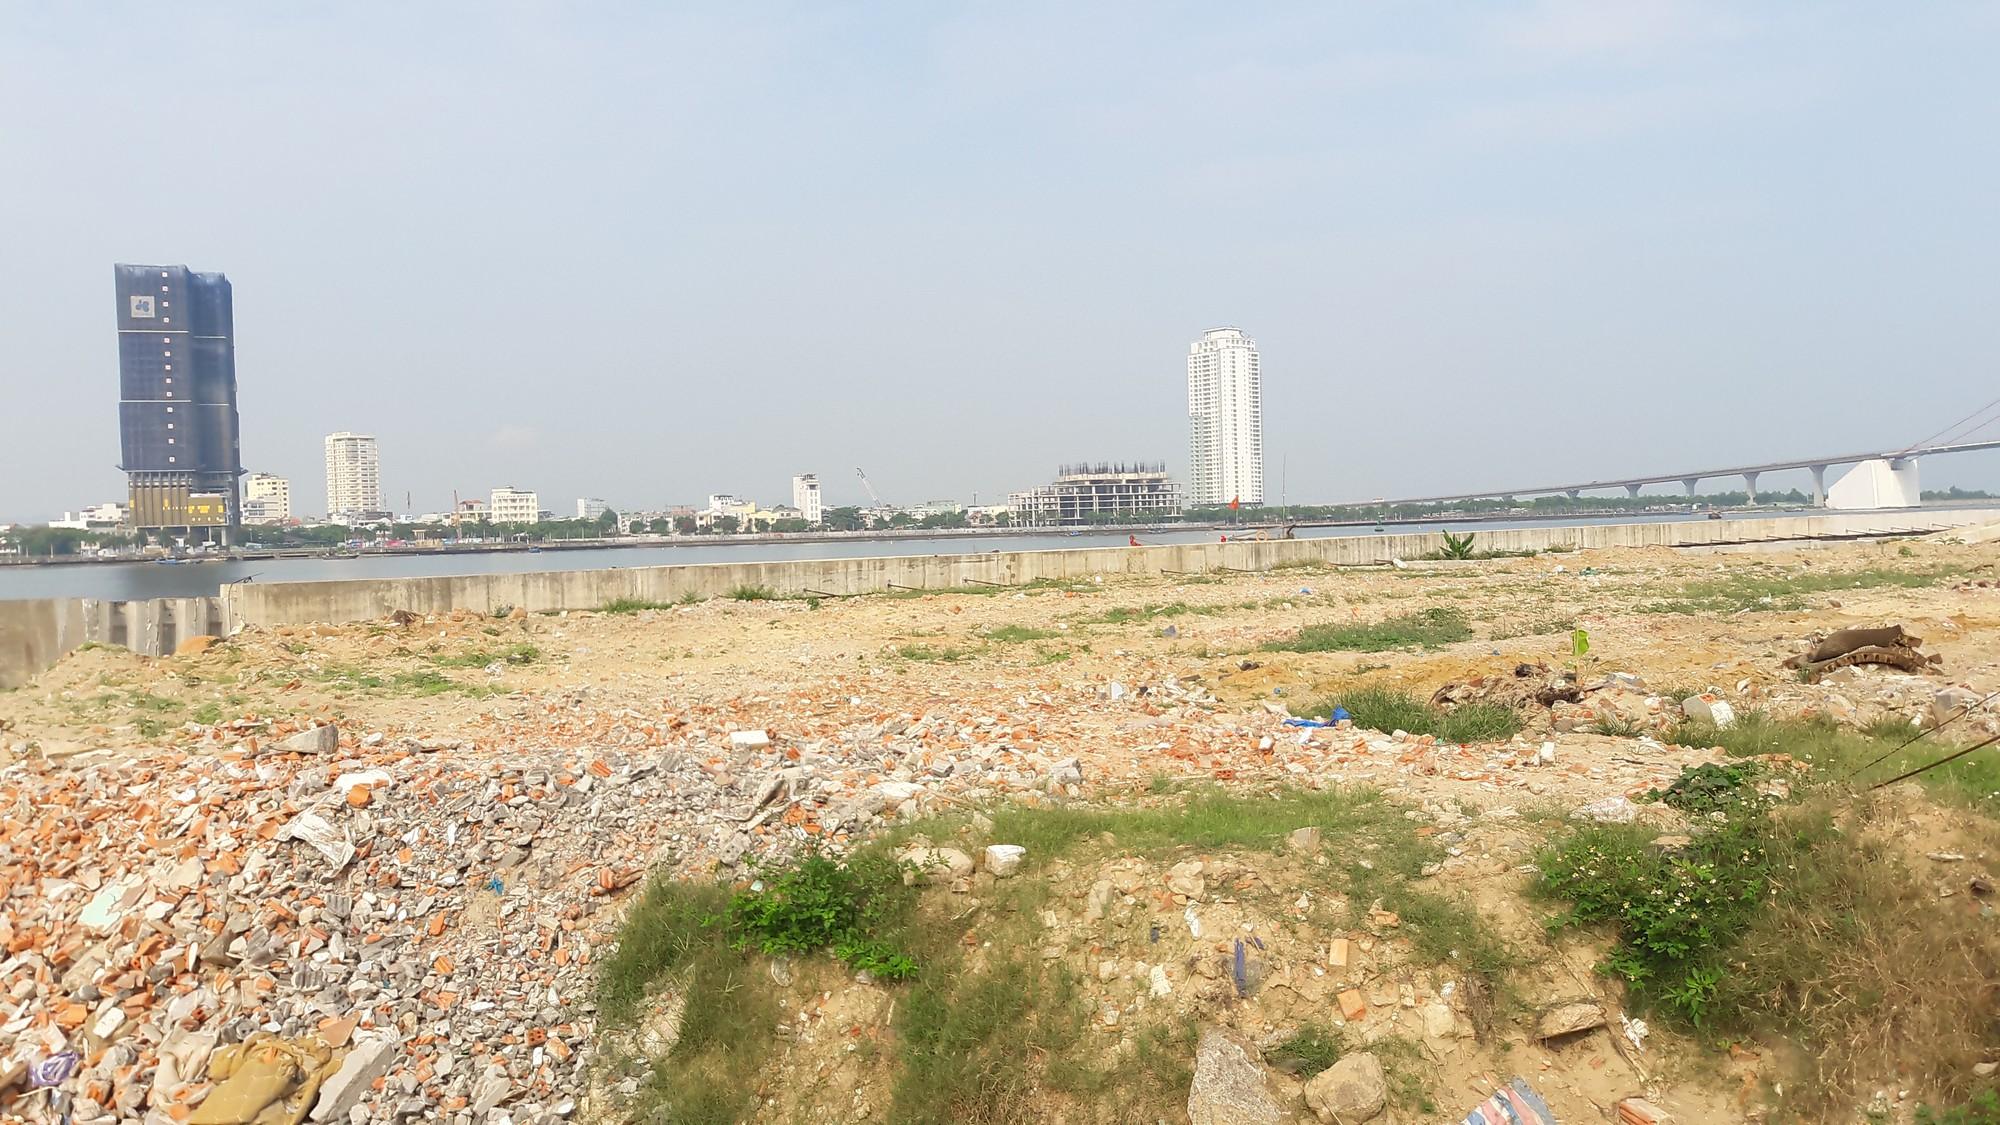 Vụ tạm dừng dự án Marina Complex ở Đà Nẵng: Cận cảnh những công trình, dự án dọc hai bờ sông Hàn hiện nay - Ảnh 7.